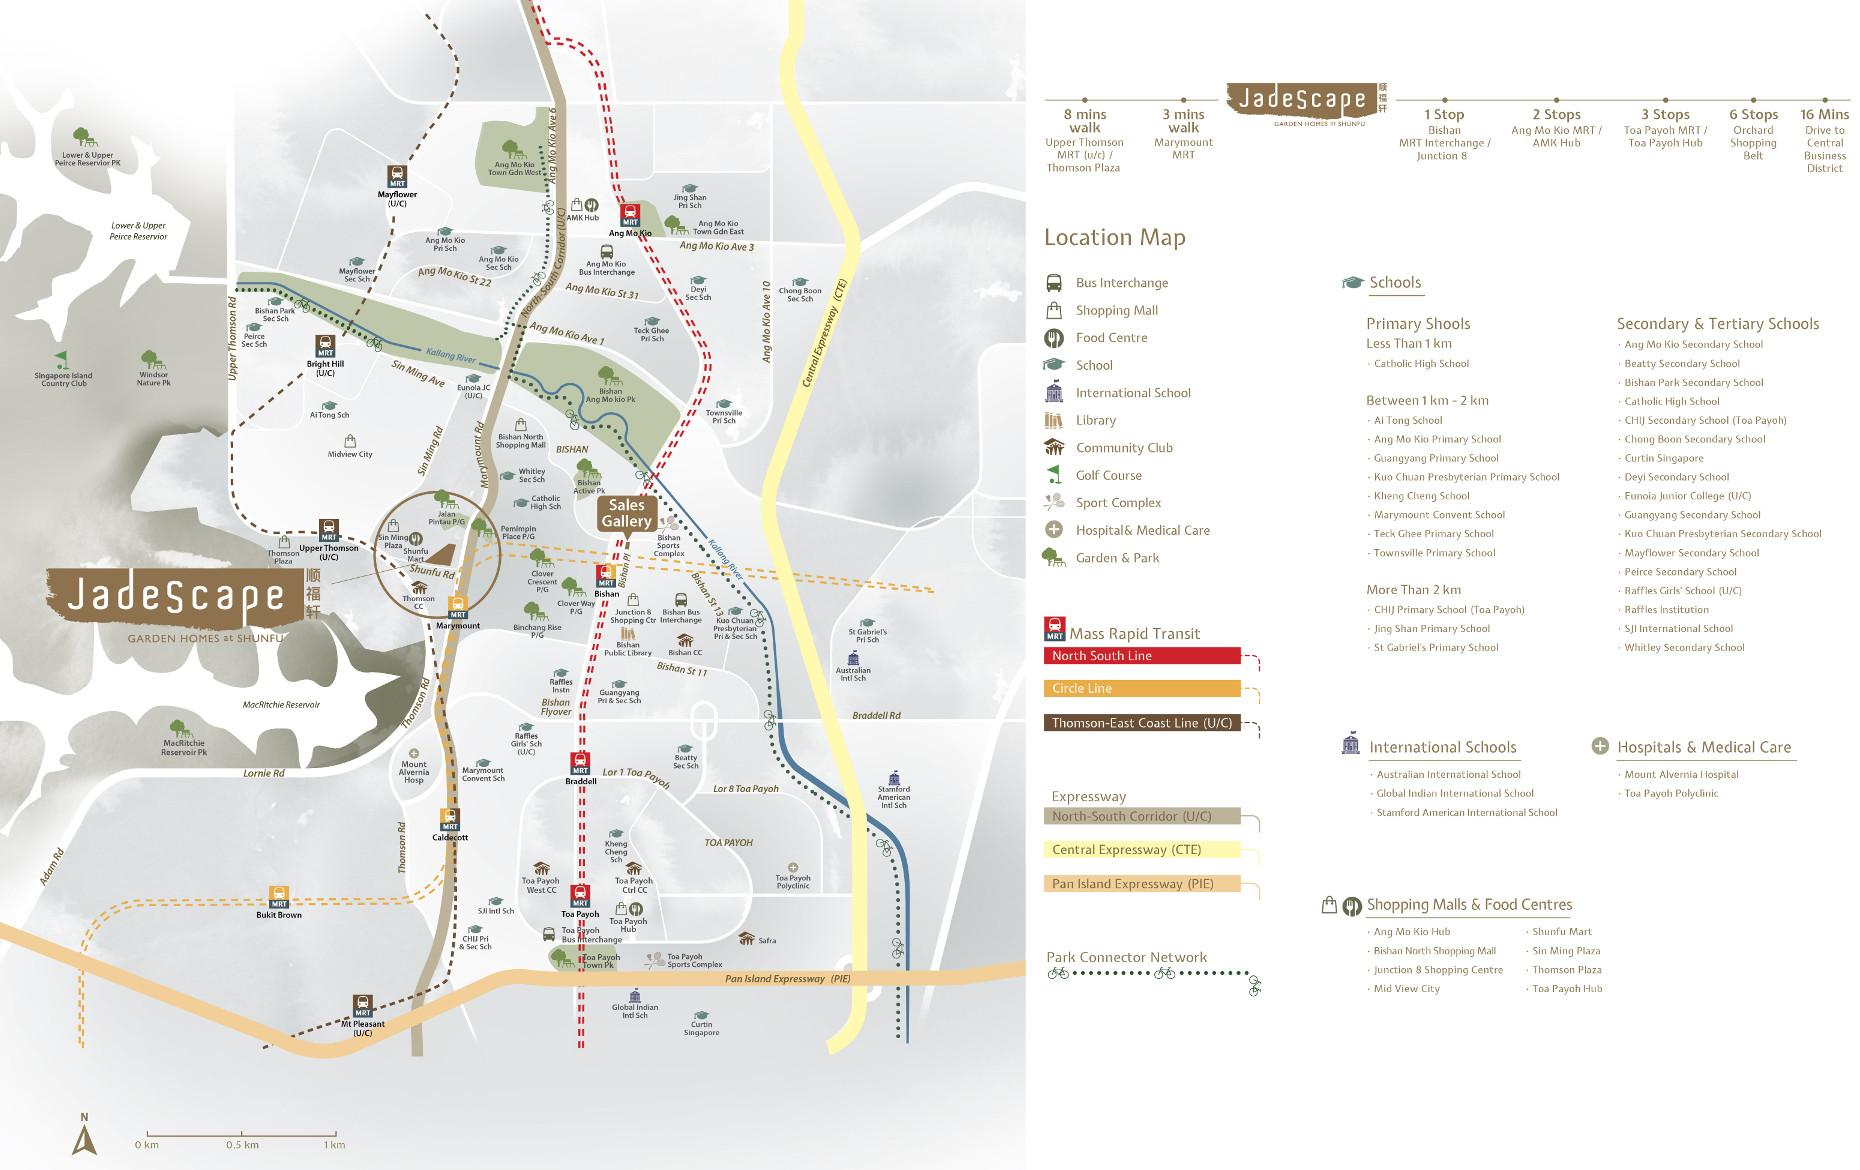 JadeScape Condo Location Map . Amenities & Distances